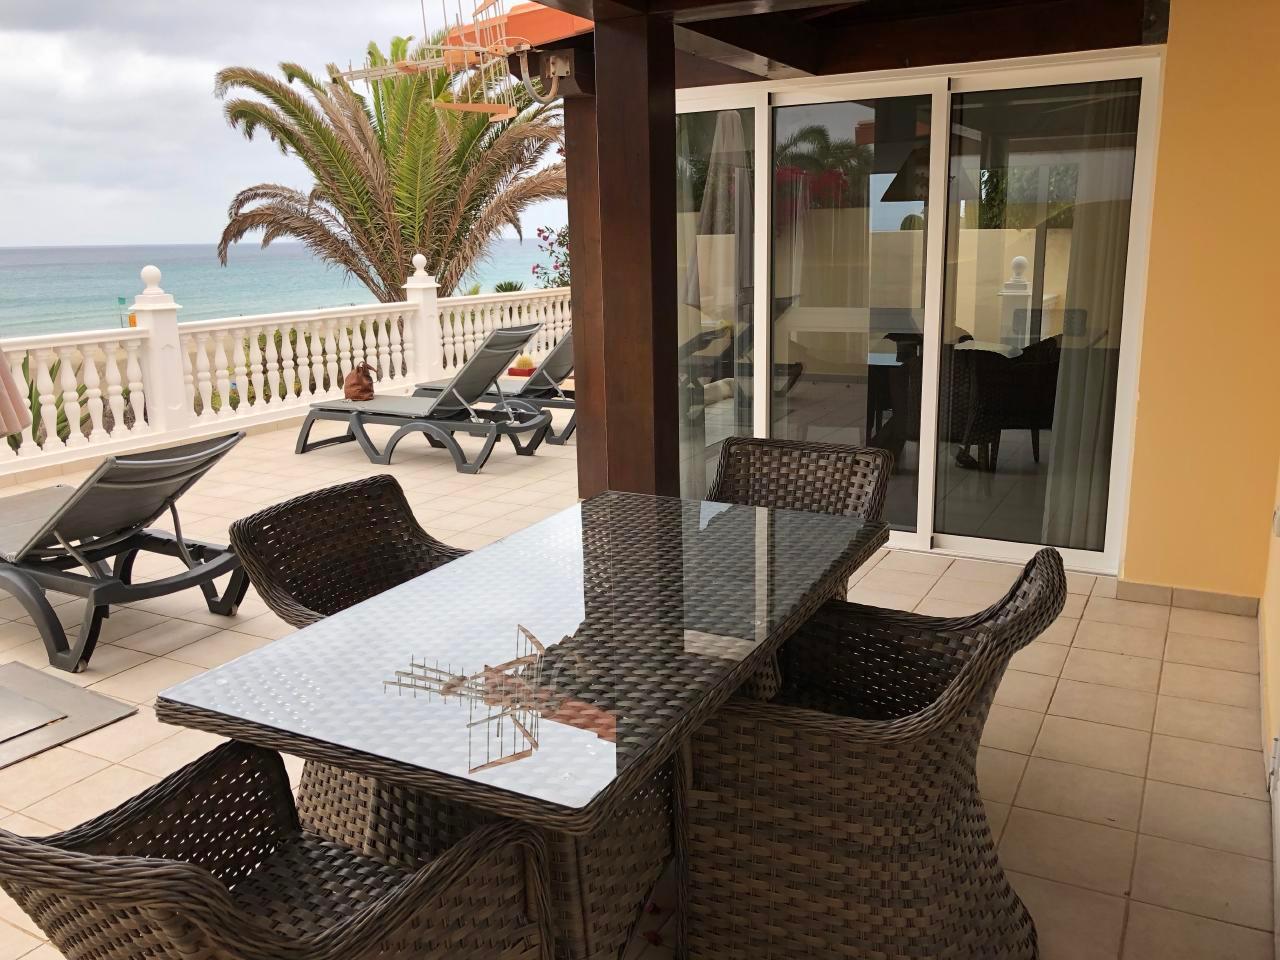 Ferienhaus Ein TRAUM direkt am Strand 2 (168623), Costa Calma, Fuerteventura, Kanarische Inseln, Spanien, Bild 14